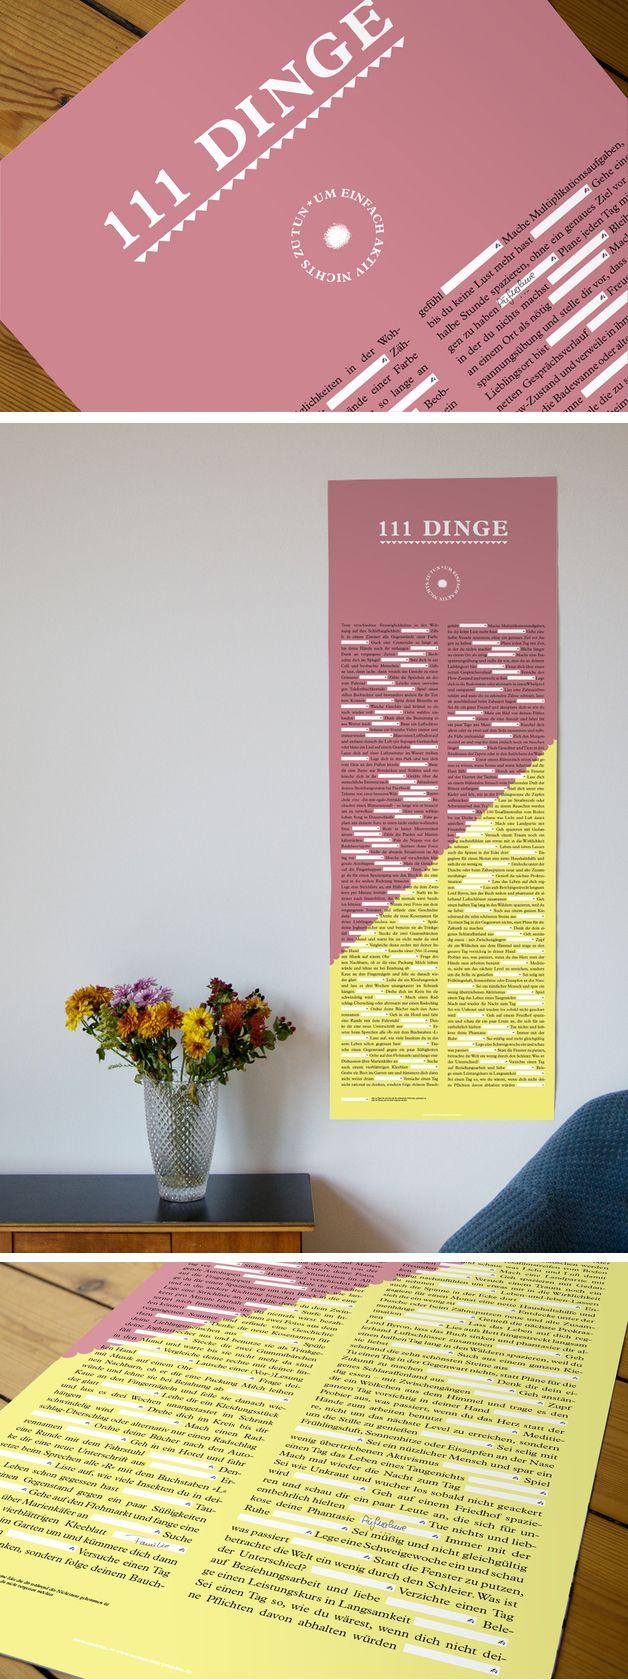 Inspiration zum Nichtstun – Poster  http://de.dawanda.com/product/60162739-Inspiration-zum-Nichtstun-Poster